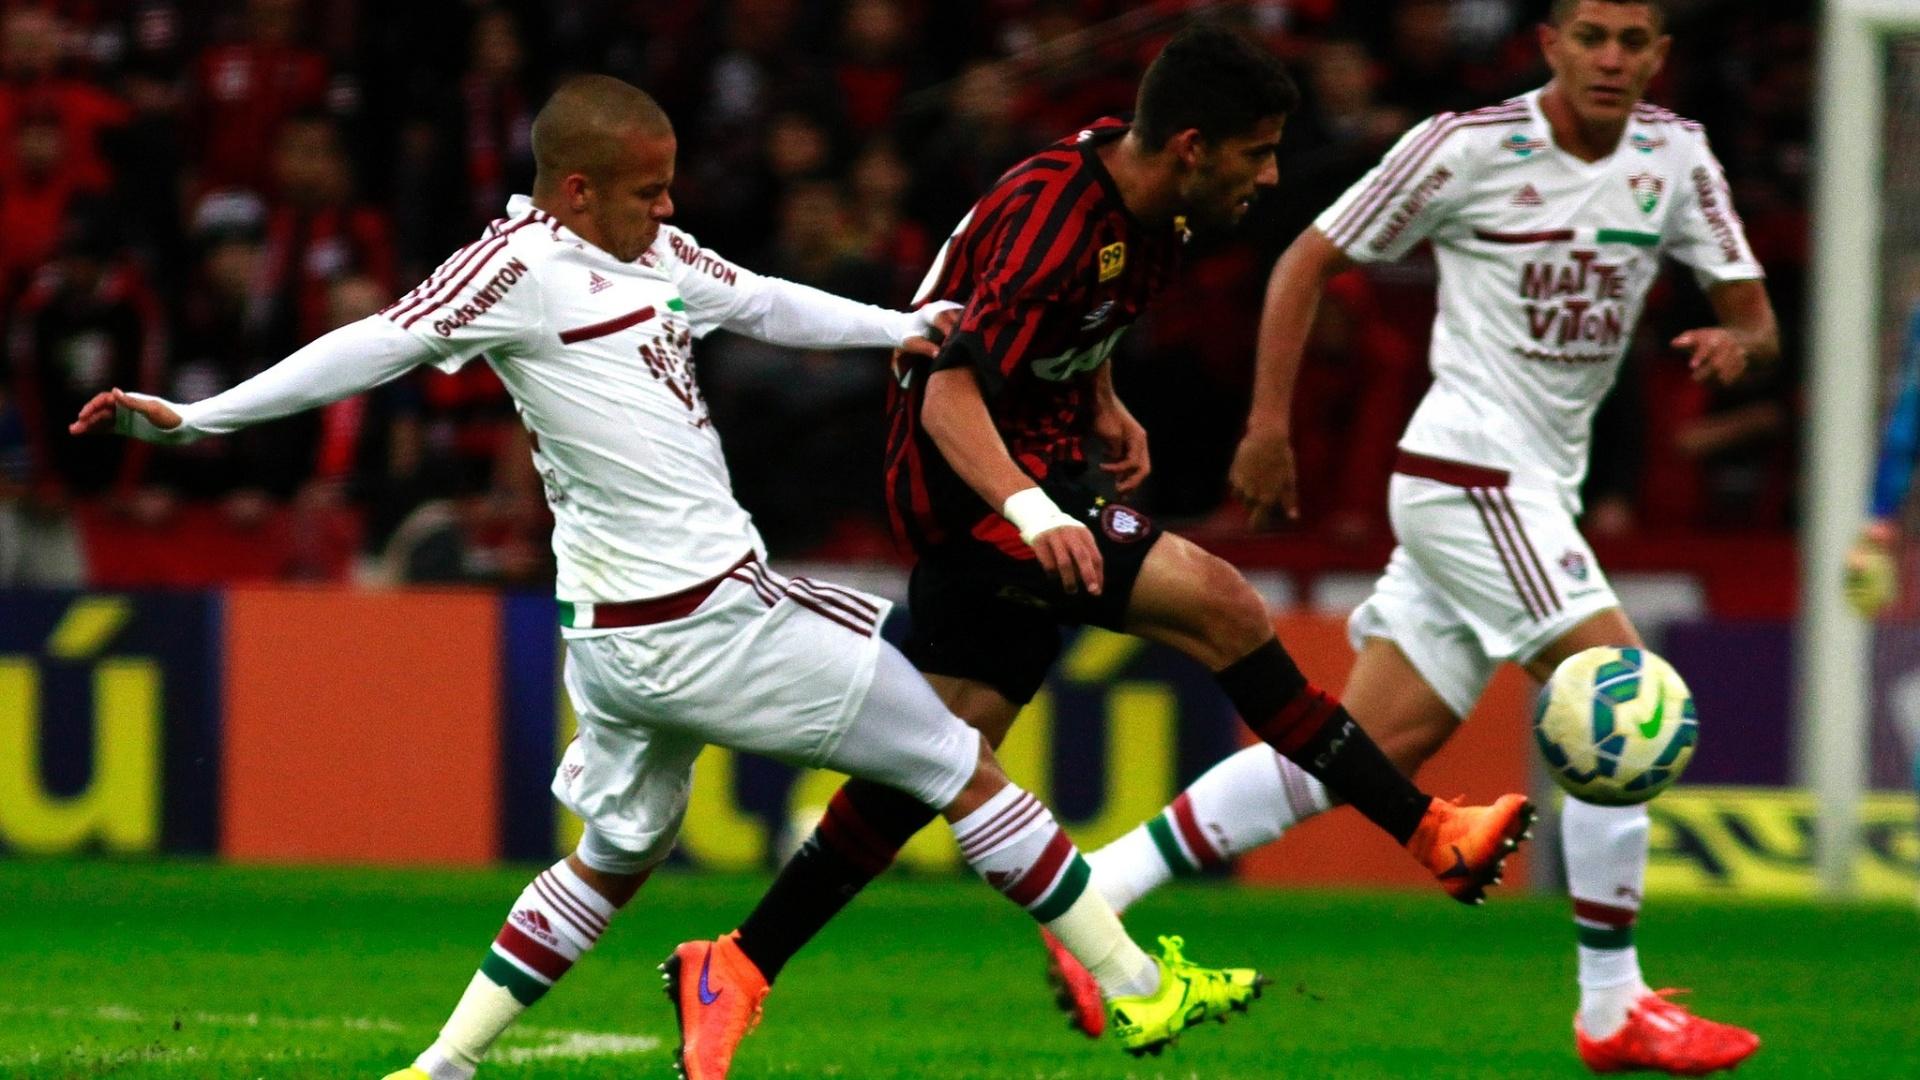 Jogadores do Atlético-PR e do Flu disputam a bola na partida entre as equipes pelo Campeonato Brasileiro